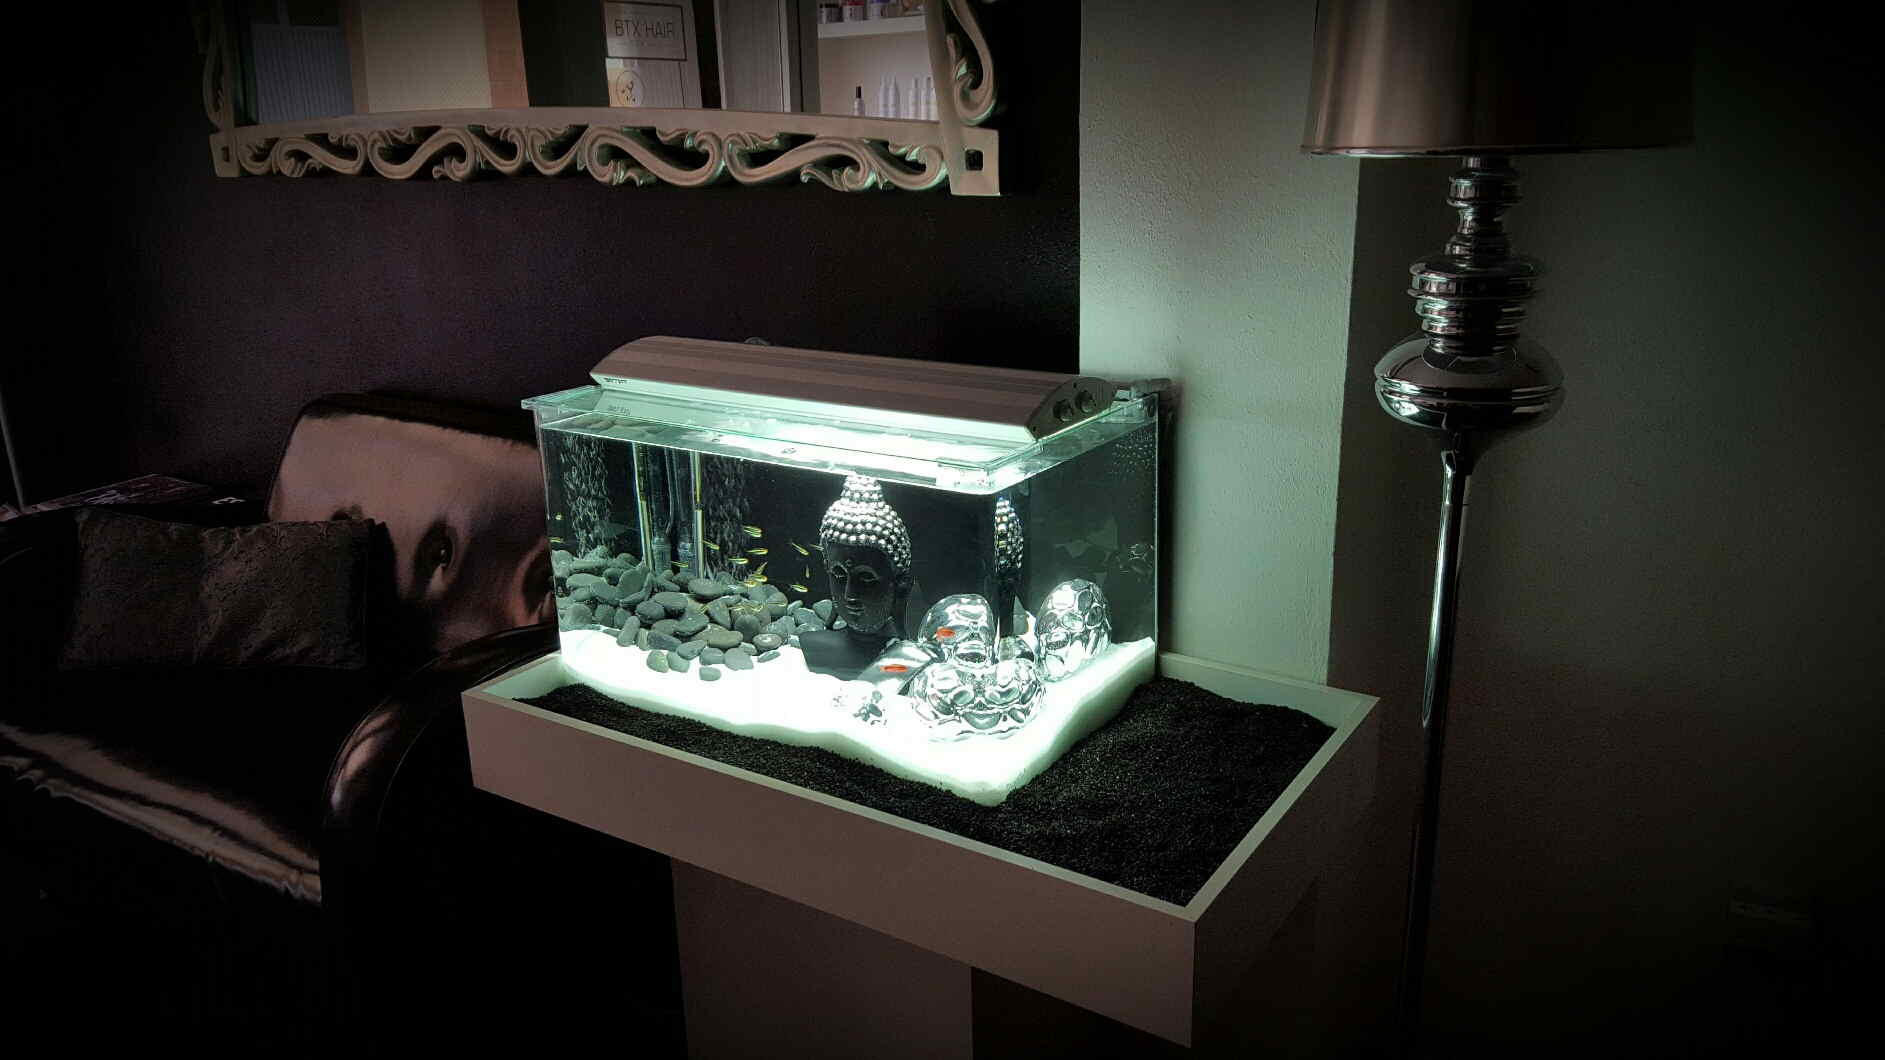 Tienda online de acuarios peces alimentos y accesorios ibercan - Decoracion para acuarios ...